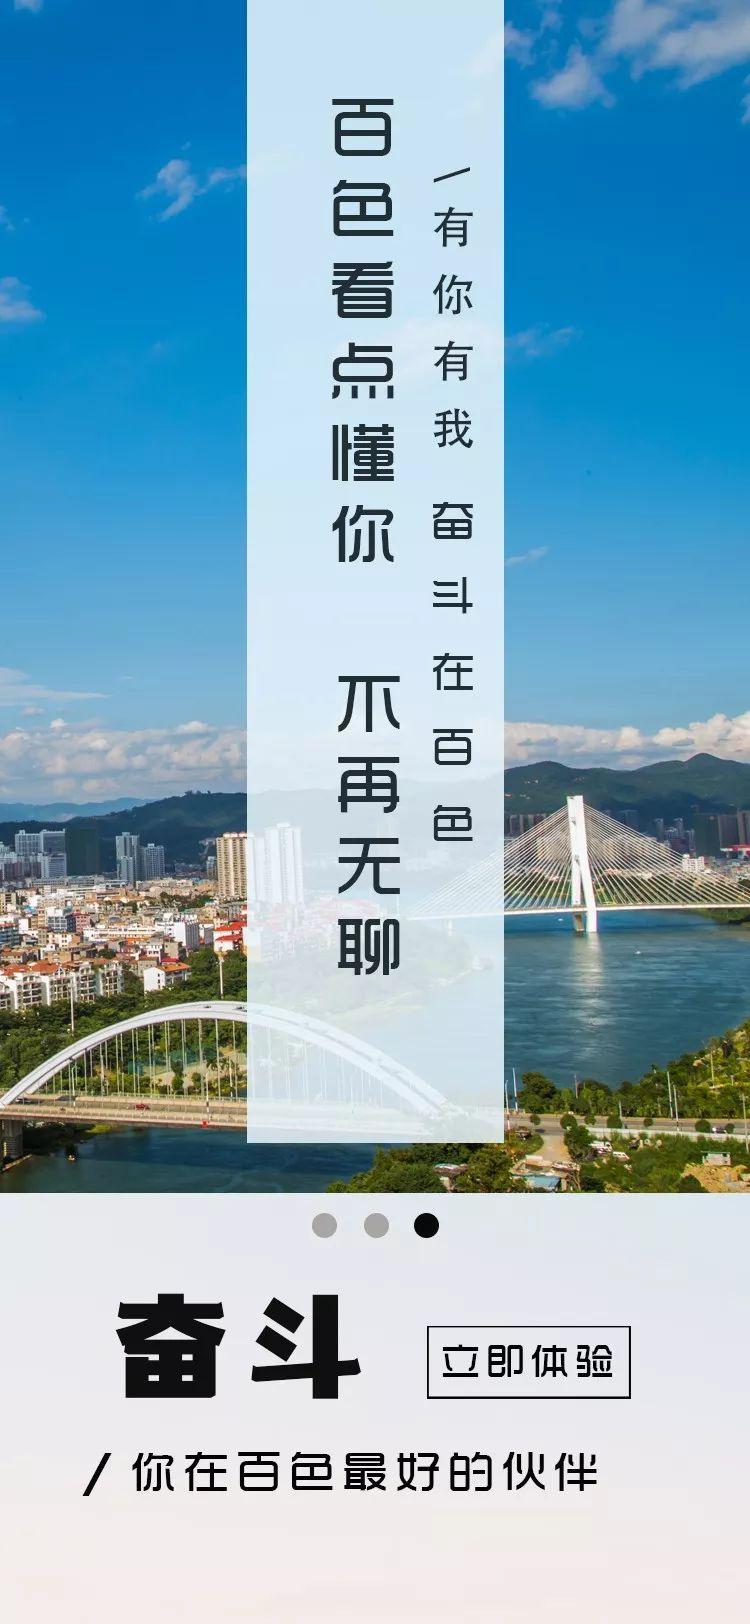 百色看点新版本稳了:信息流+社交+广告+分类信息7182 作者:刘疯子 帖子ID:276632 百色,看点,新版,版本,信息,